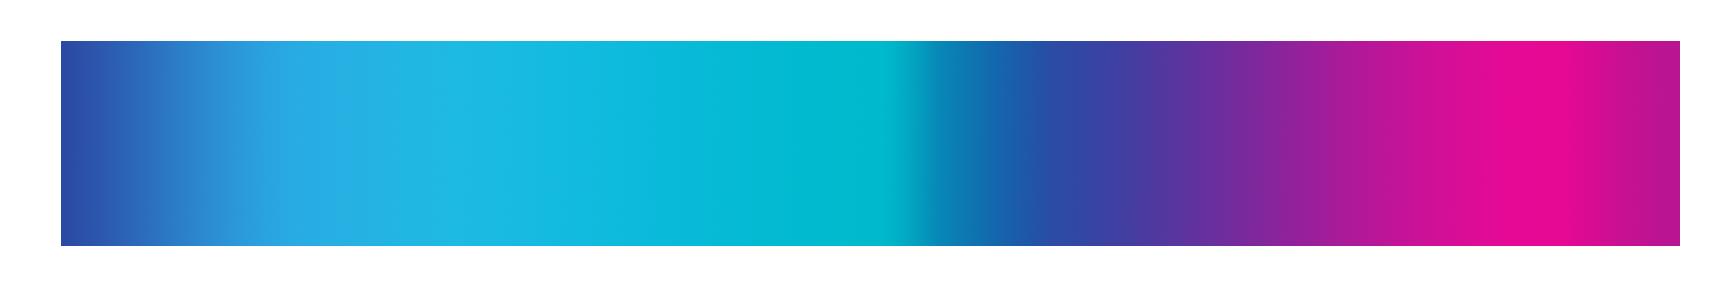 Gearflix Logo